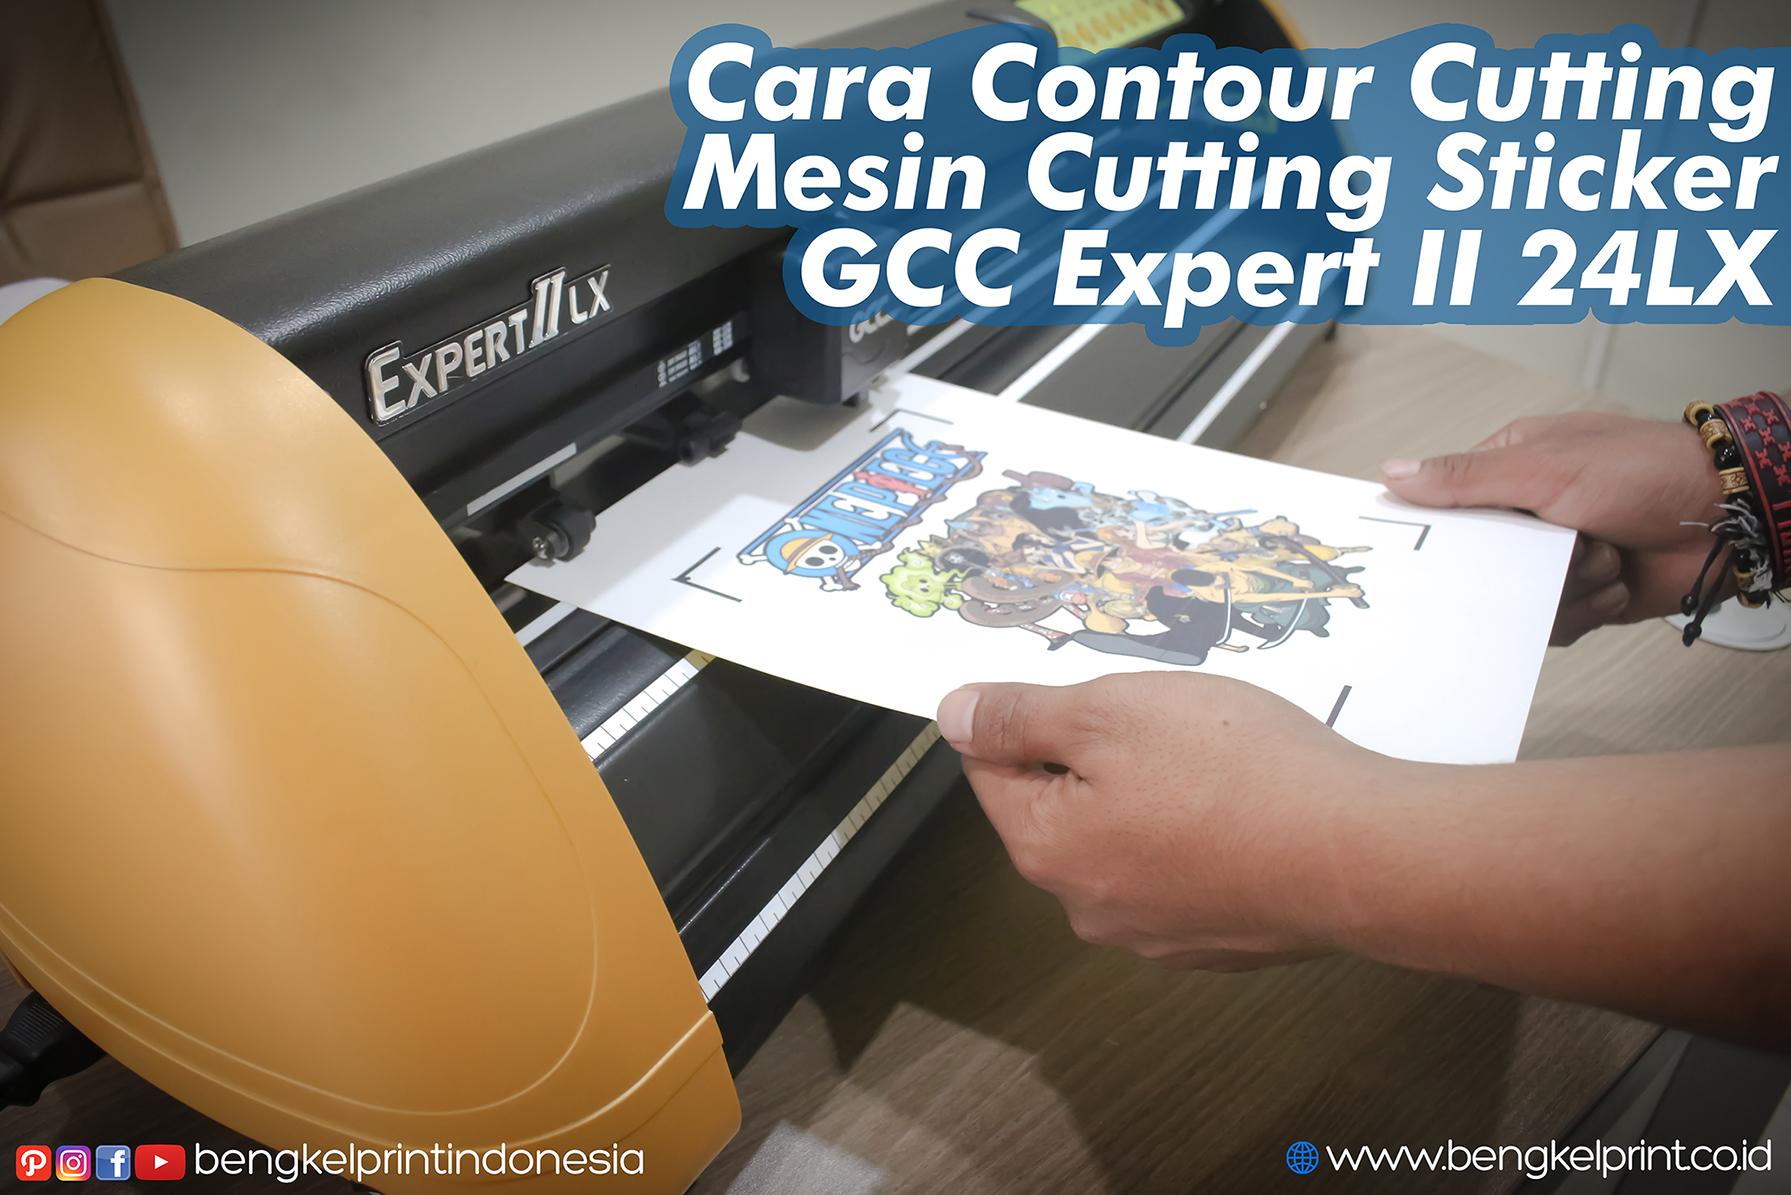 cara-contour-cutting-gcc-expert-24-lx